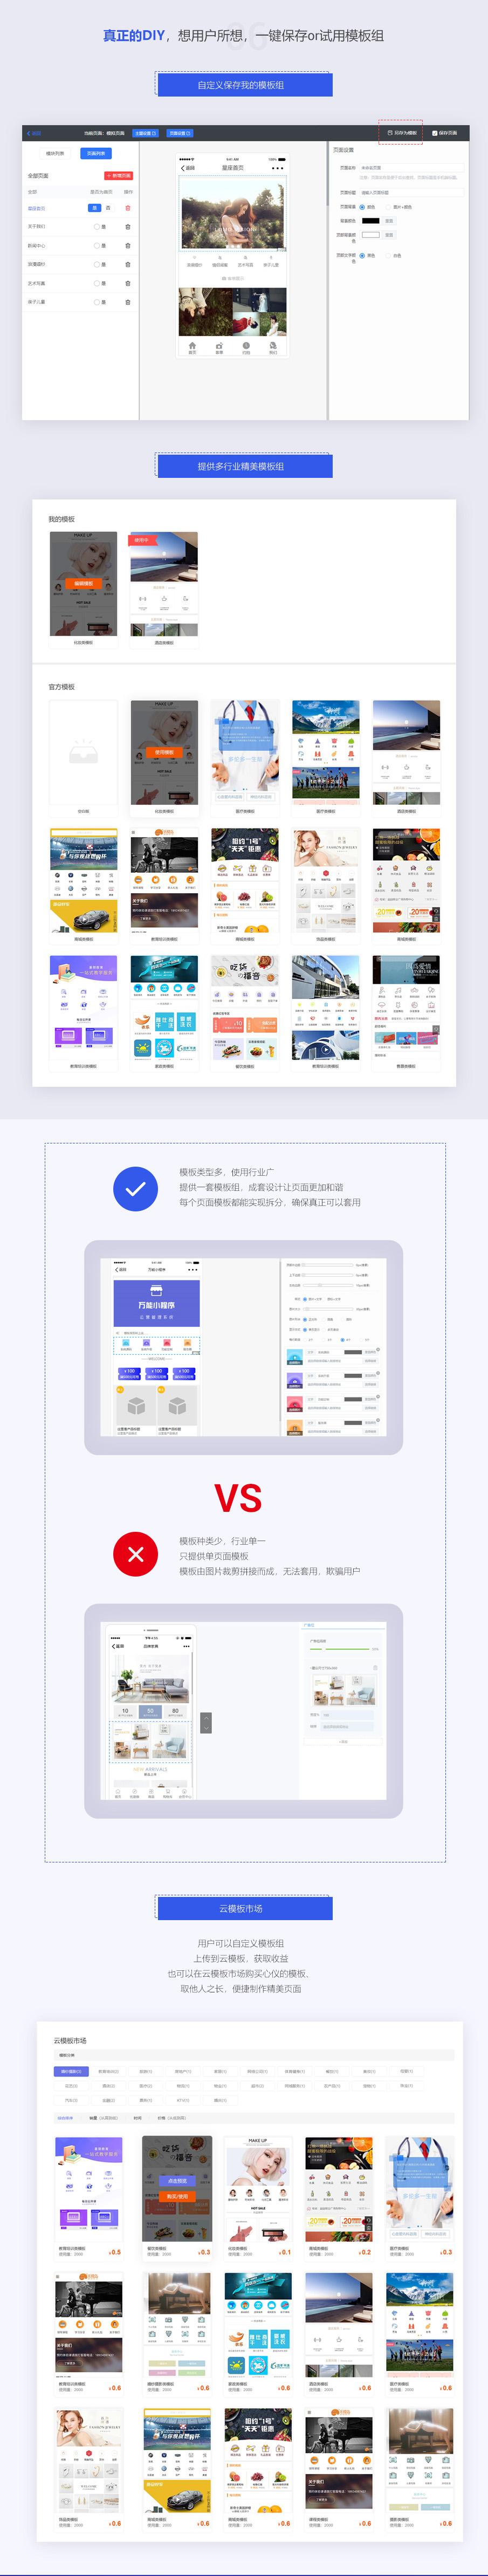 DIY-介绍(3).jpg